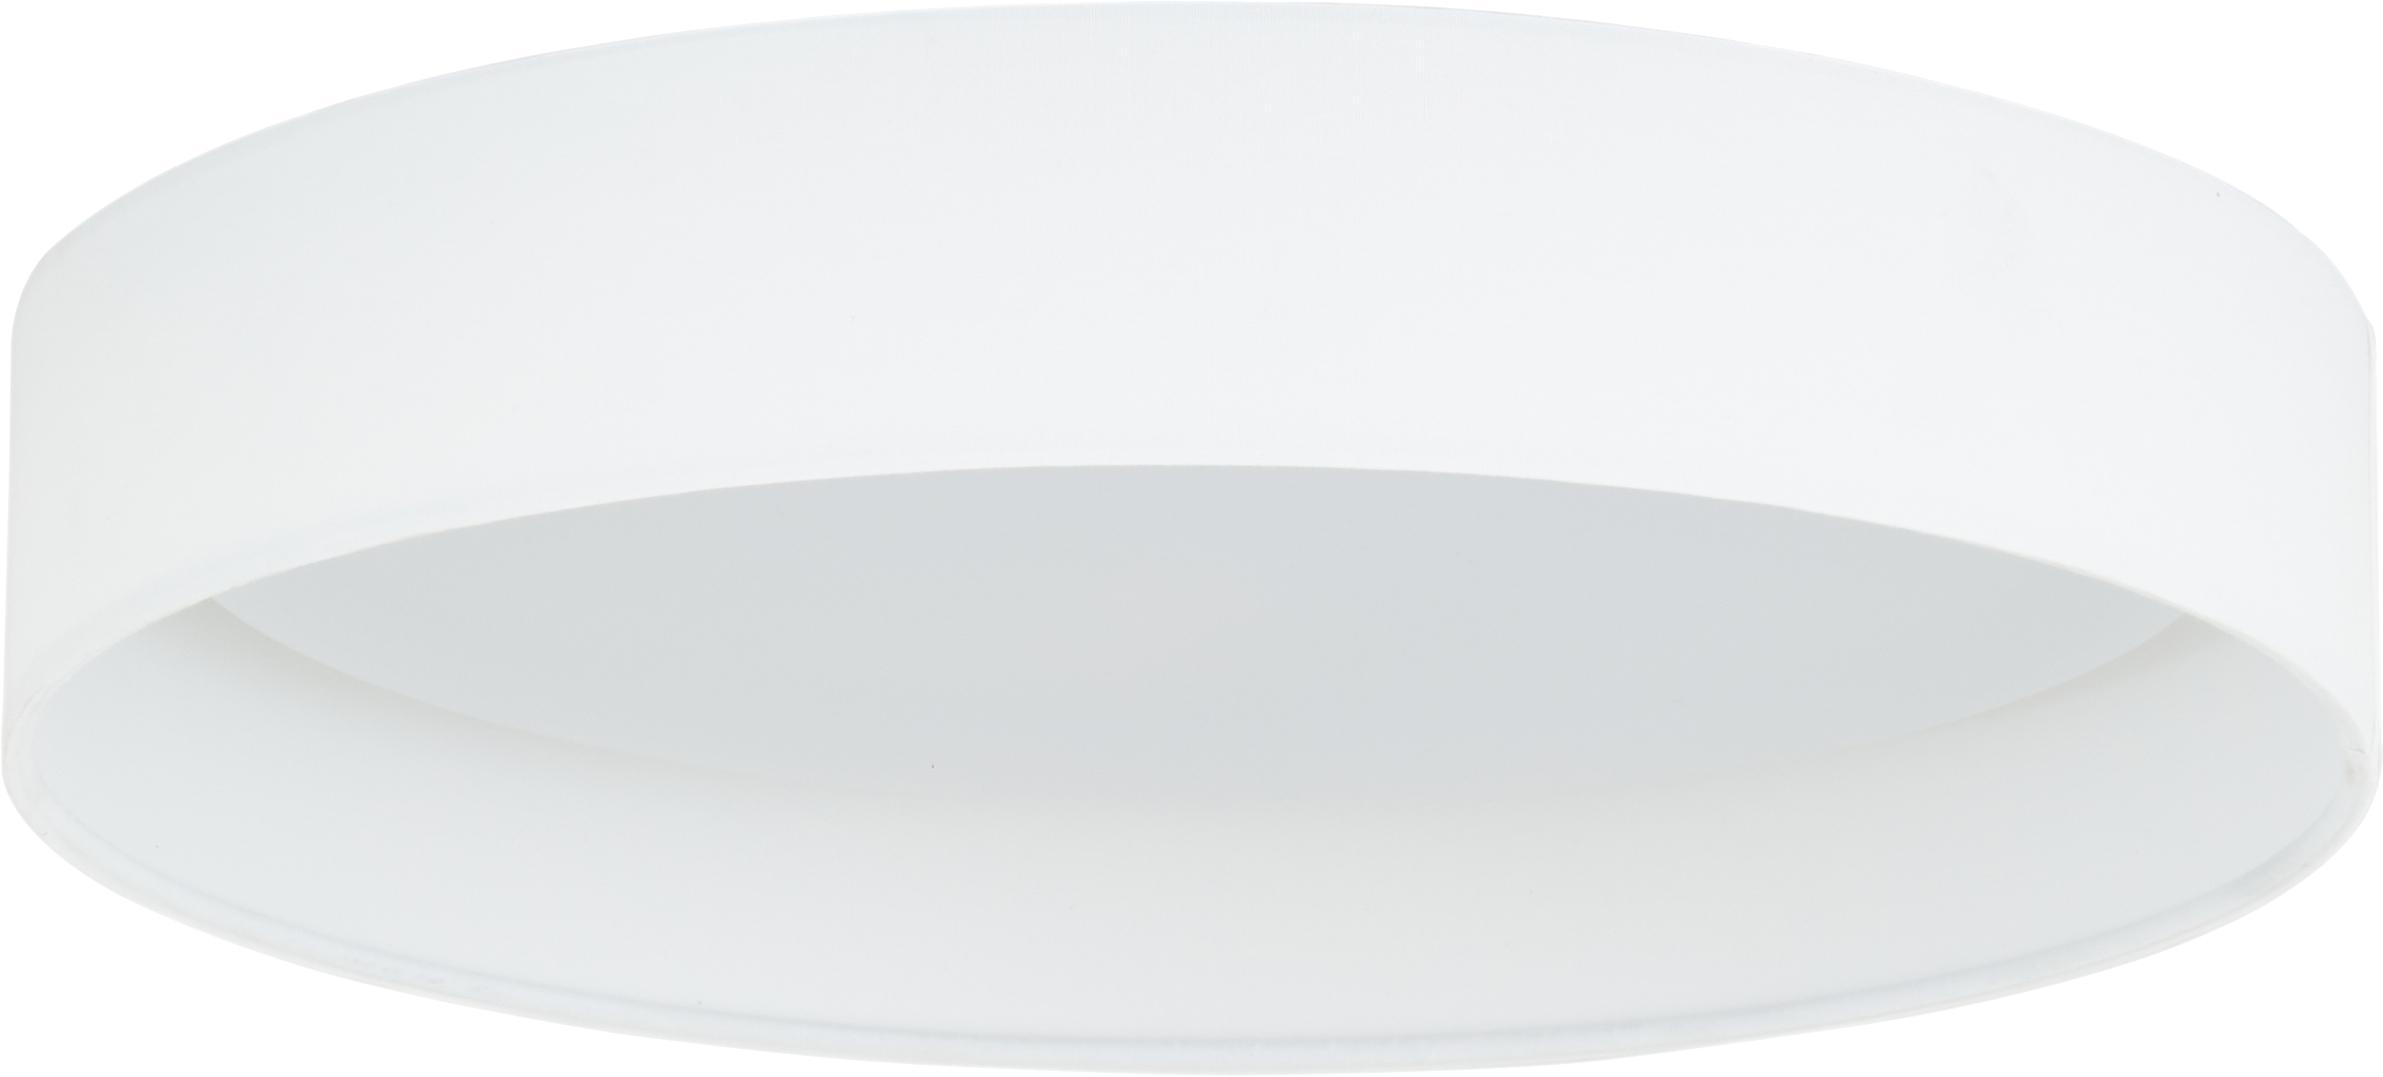 LED plafondlamp Helen, Frame: metaal, Diffuser: kunststof, Wit, Ø 35 x H 7 cm